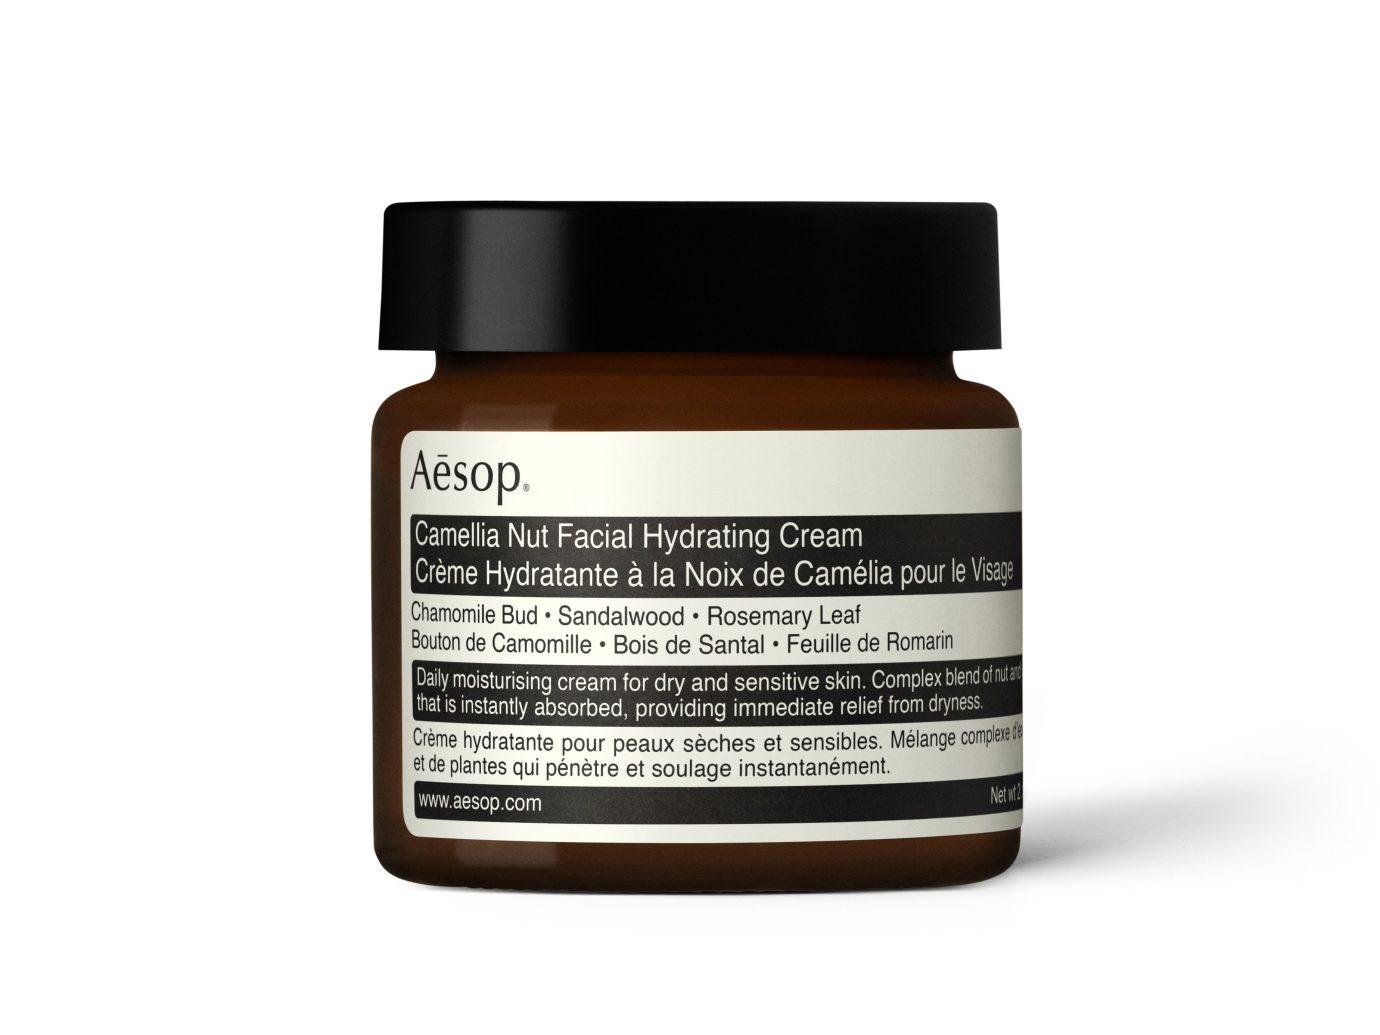 Camellia Nut Facial Hydrating Cream